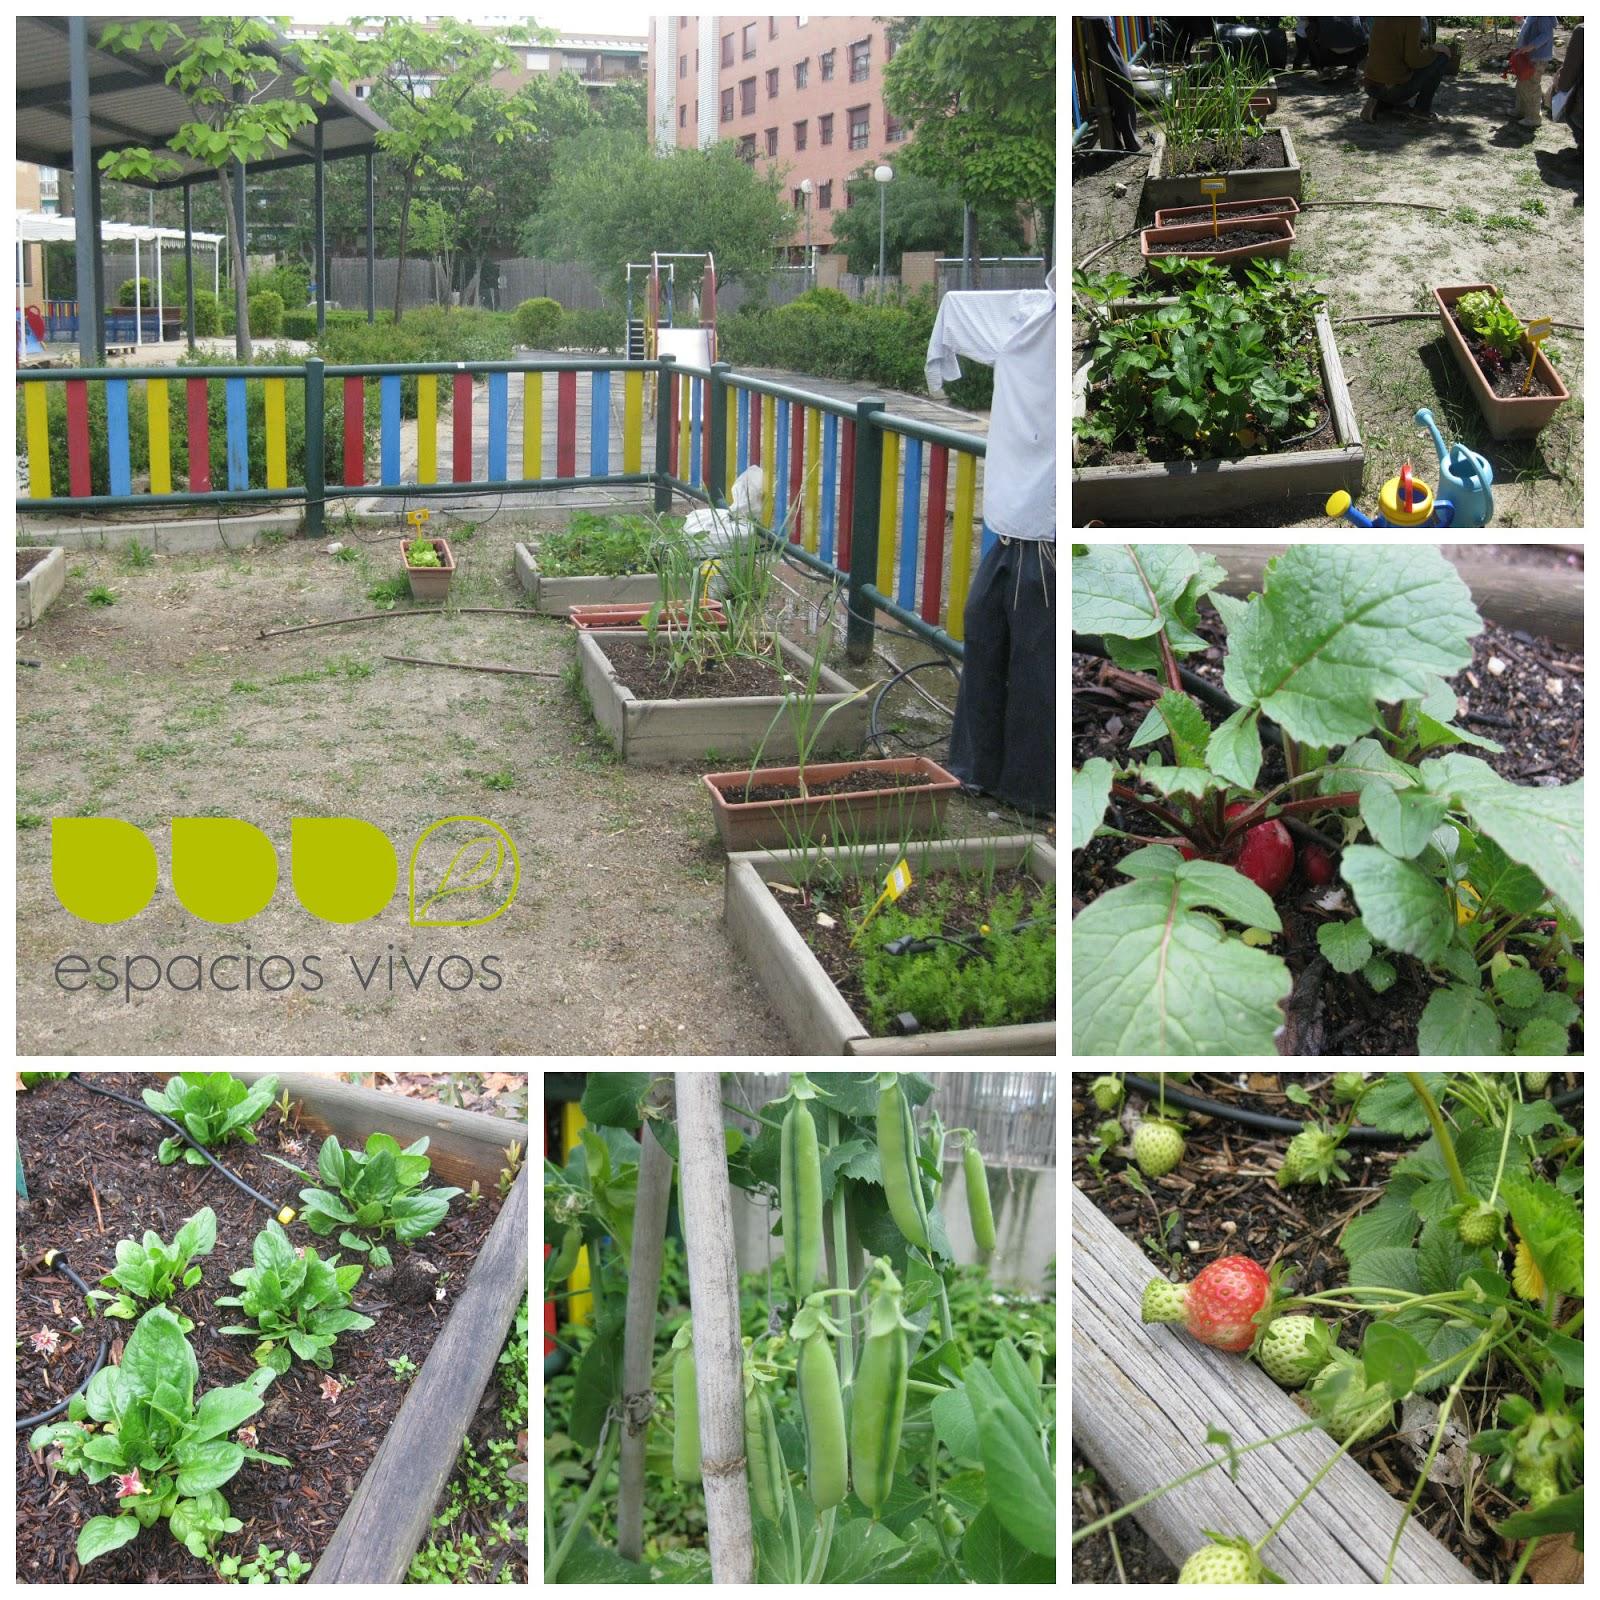 Jardines para niños, jardines para aprender - Espacios Vivos